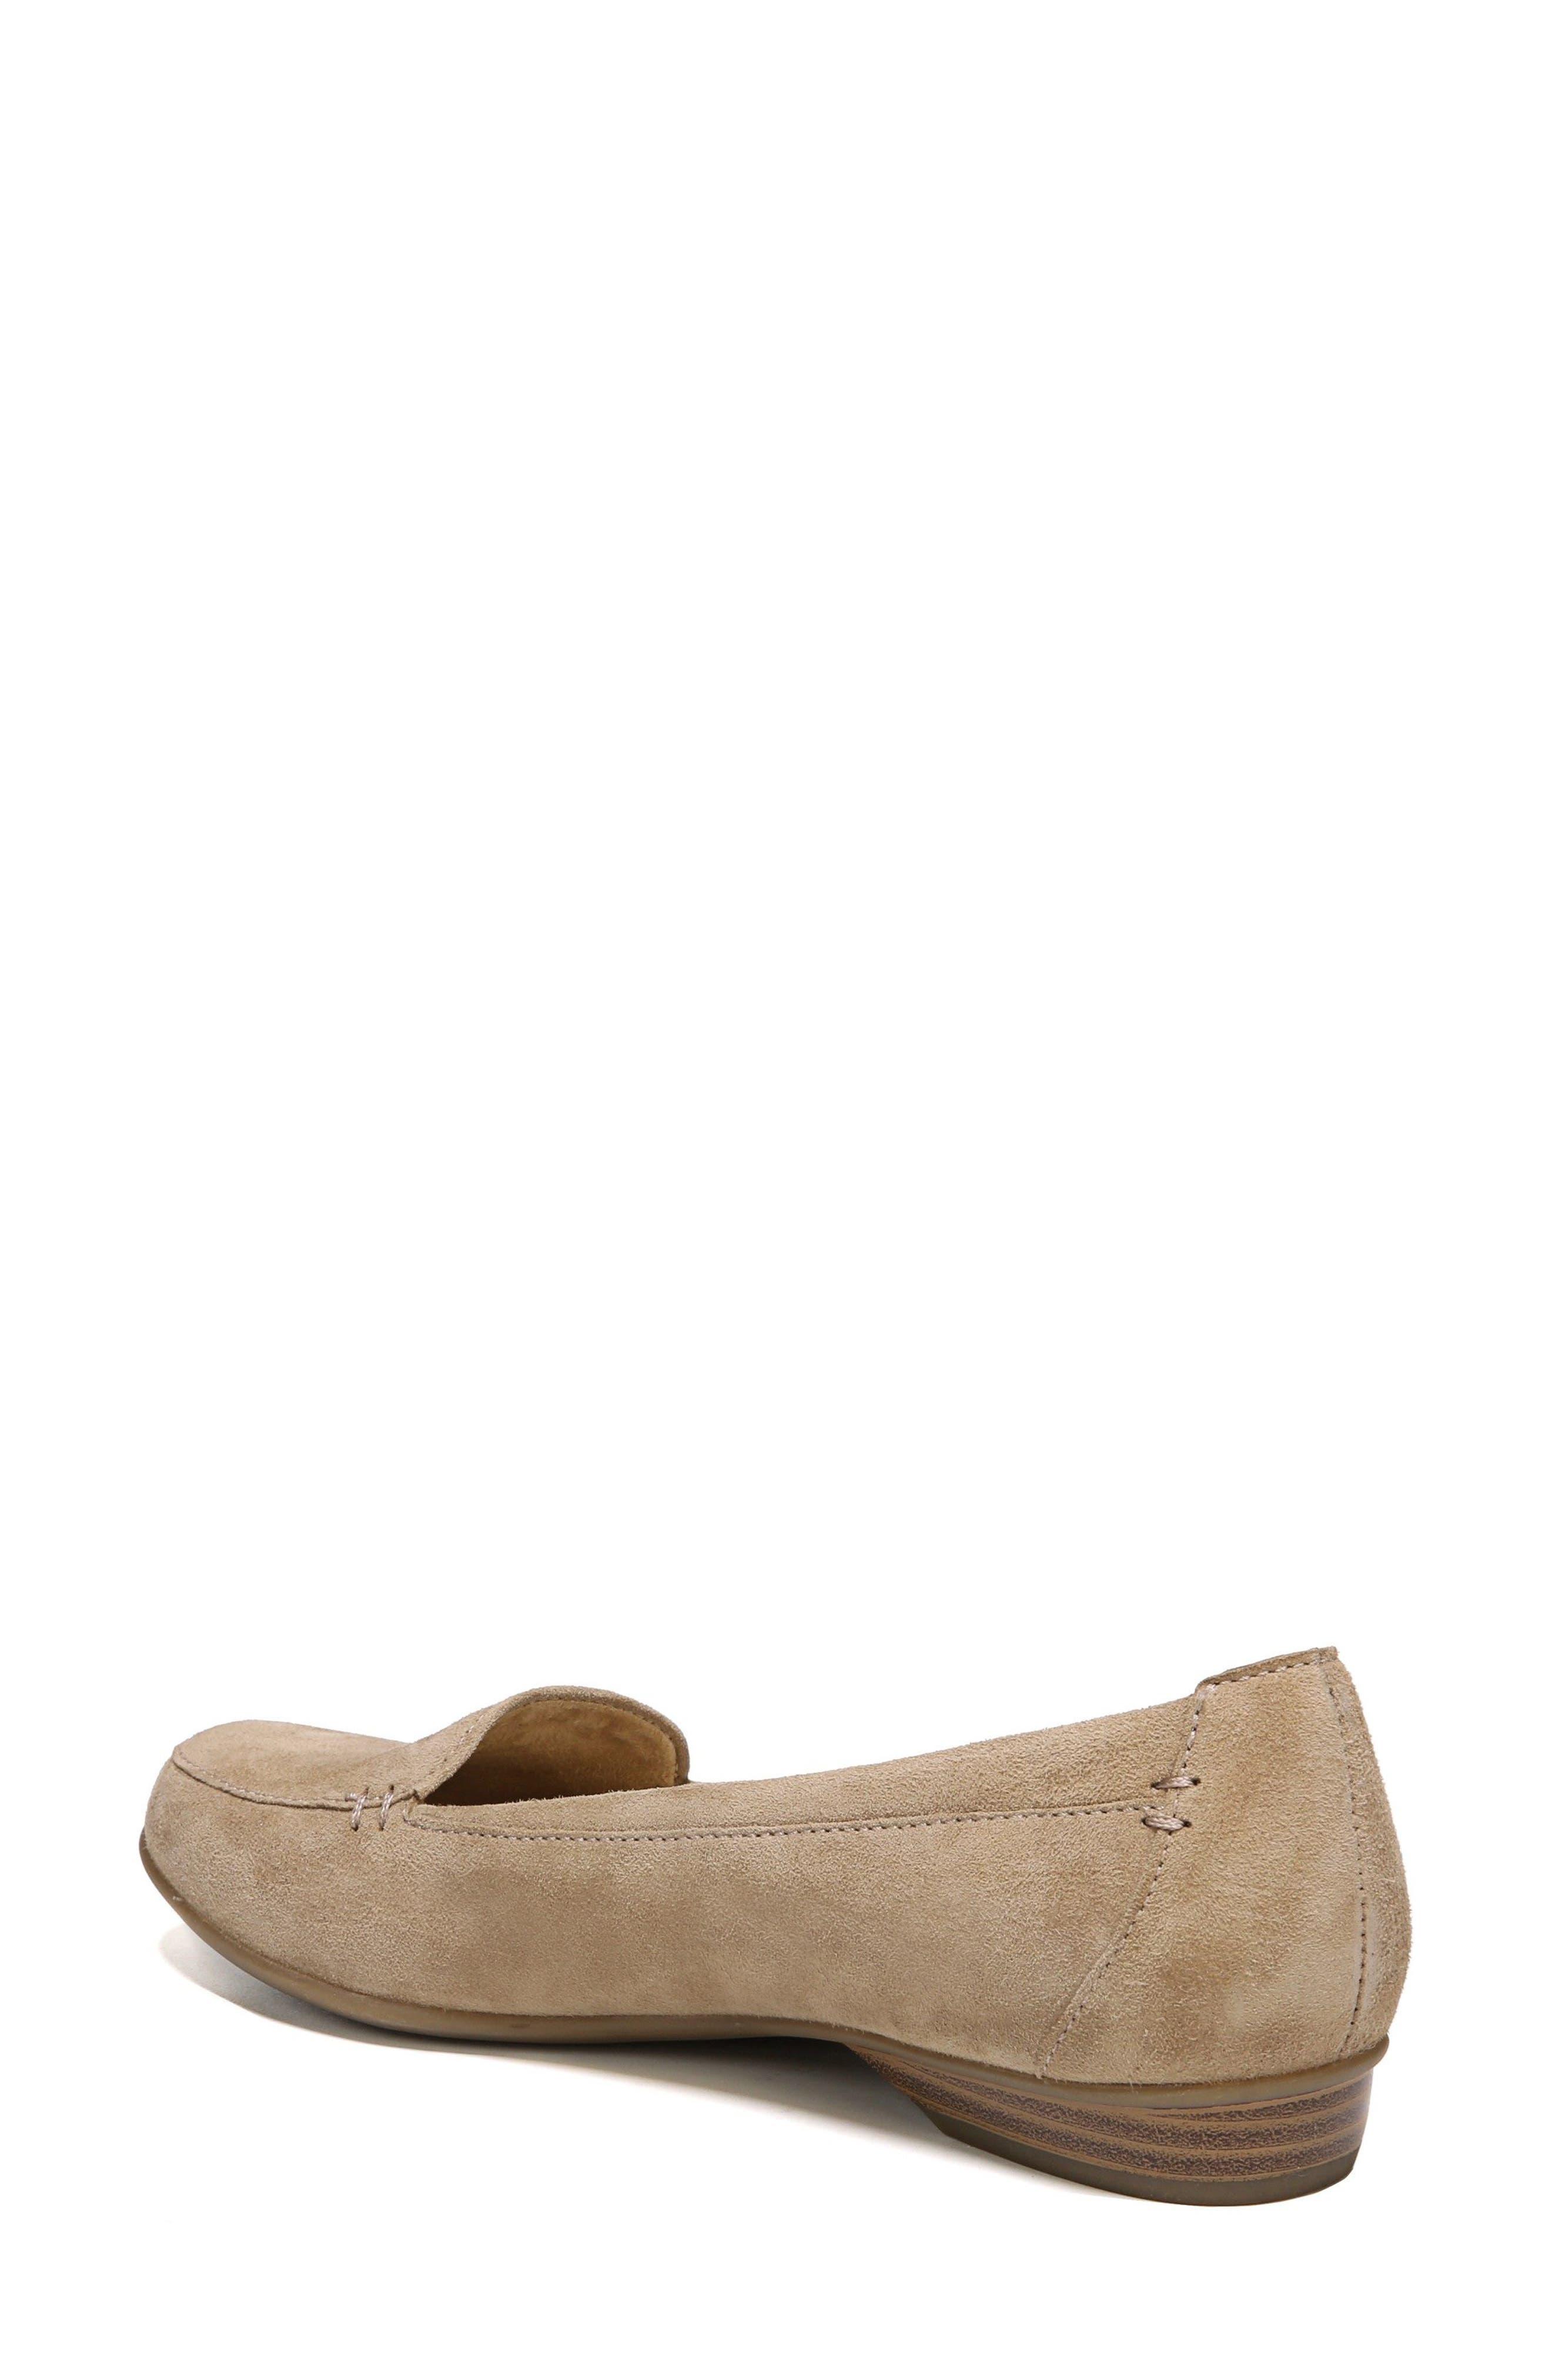 220c24644582 Women s Brown Narrow Shoes